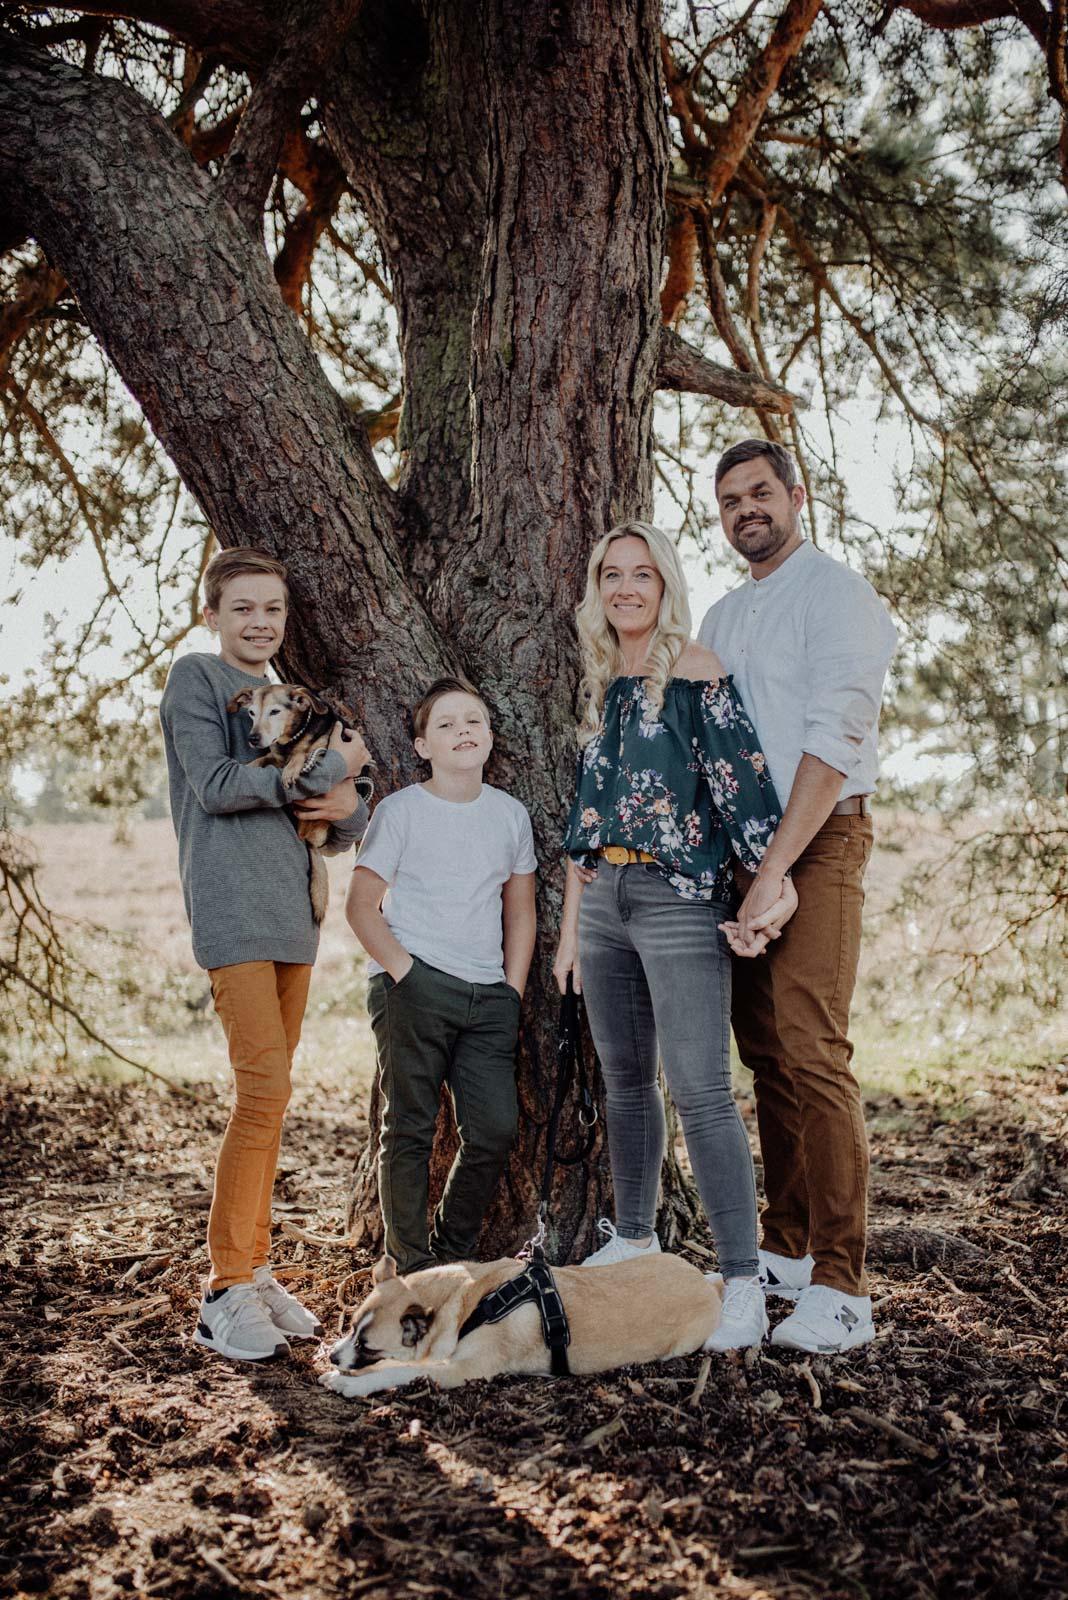 007-Familienfotos-Familienreportage-Heideshooting-natürlich-Heide